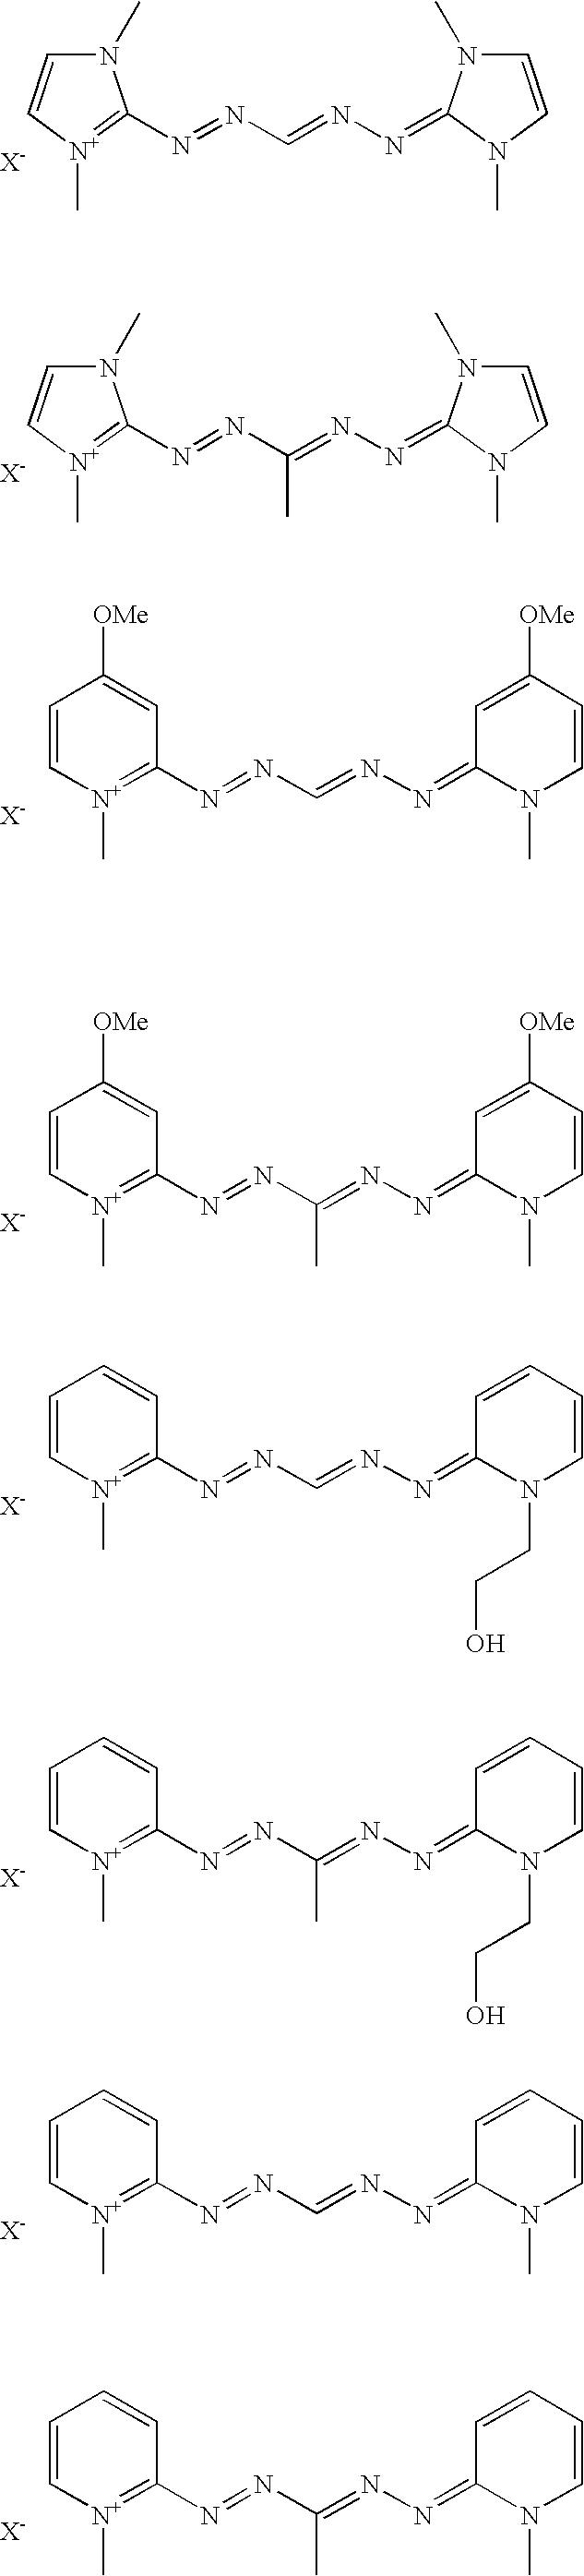 Figure US07935154-20110503-C00015